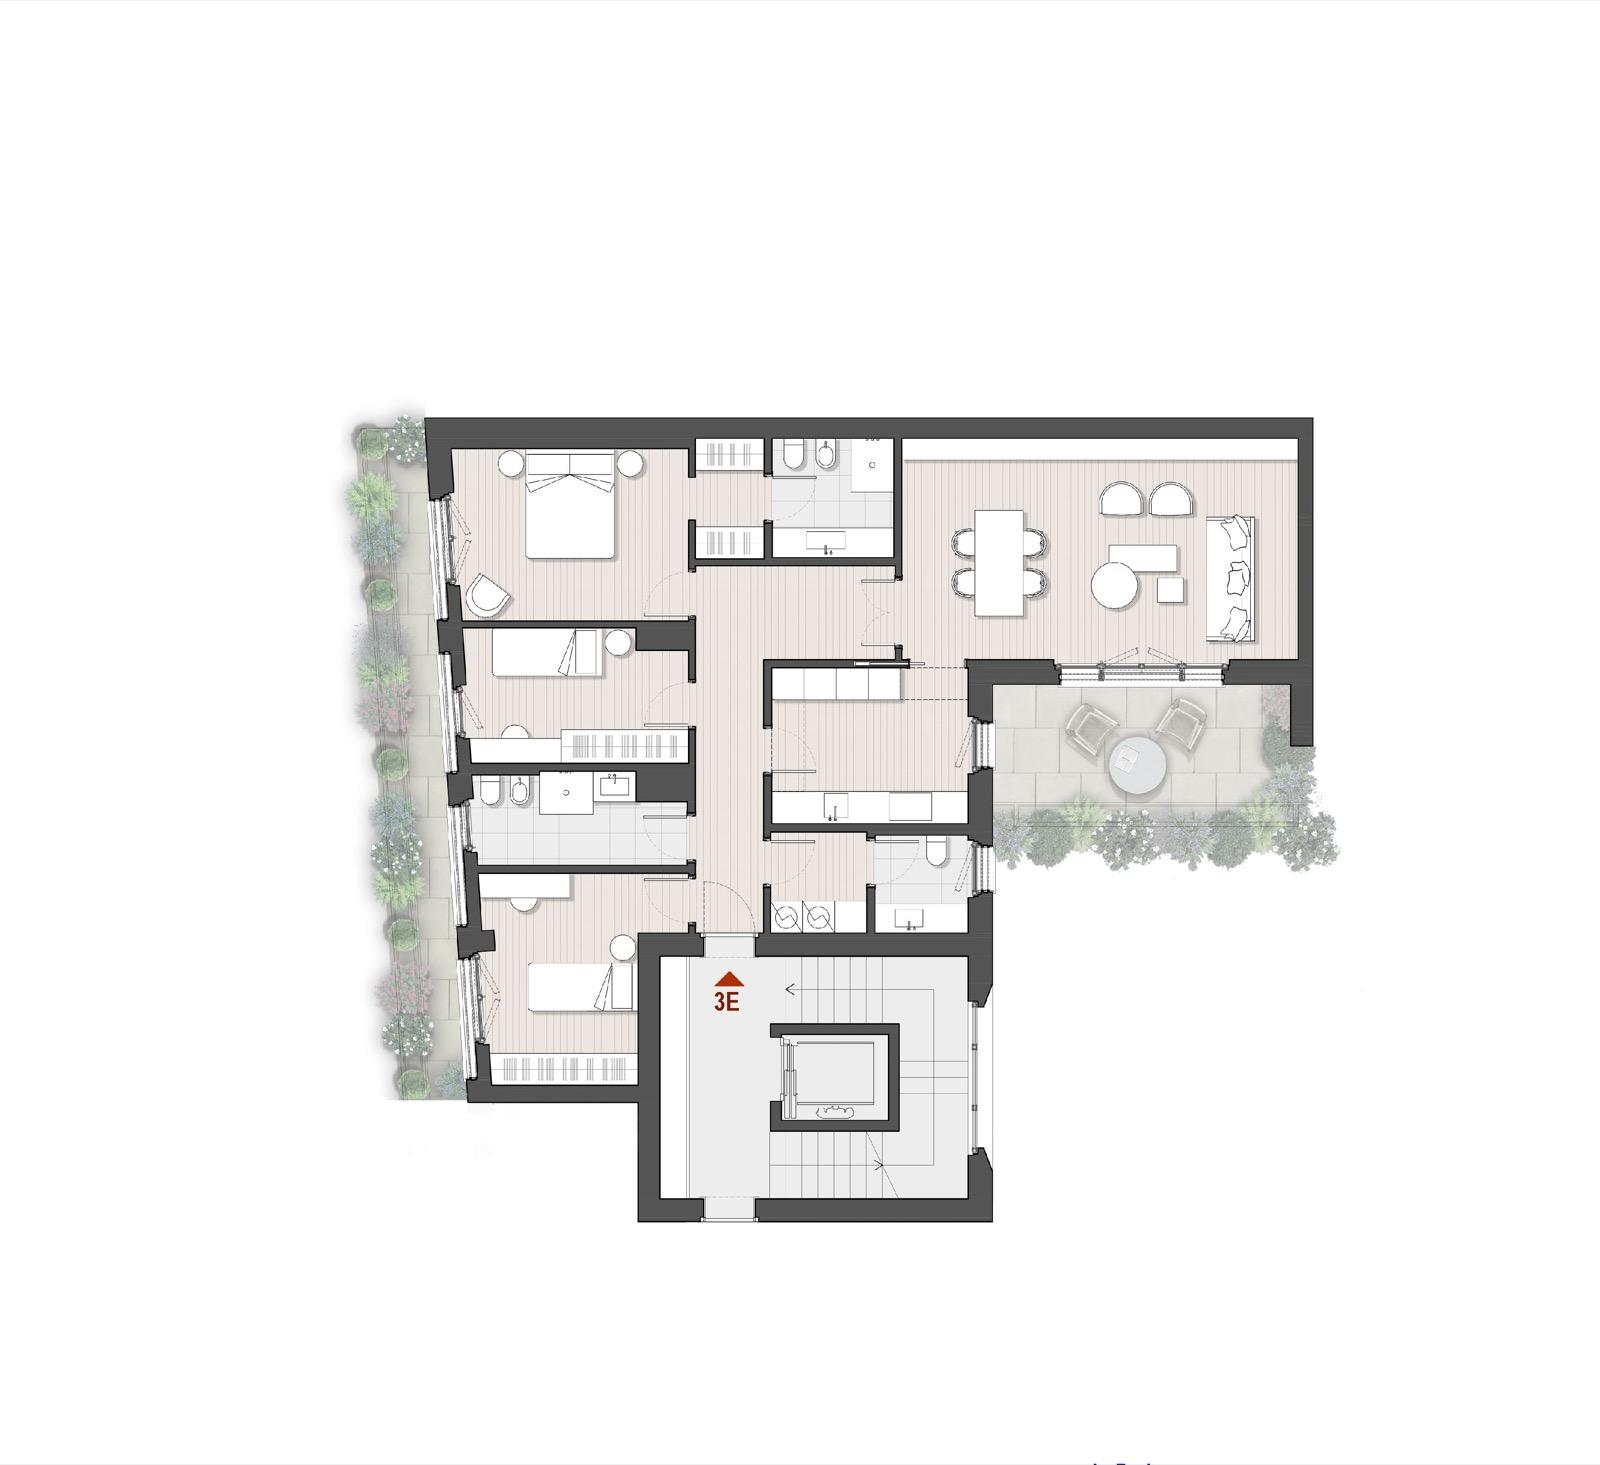 Appartamento Plurilocale 3E Via Varese 10 Milano